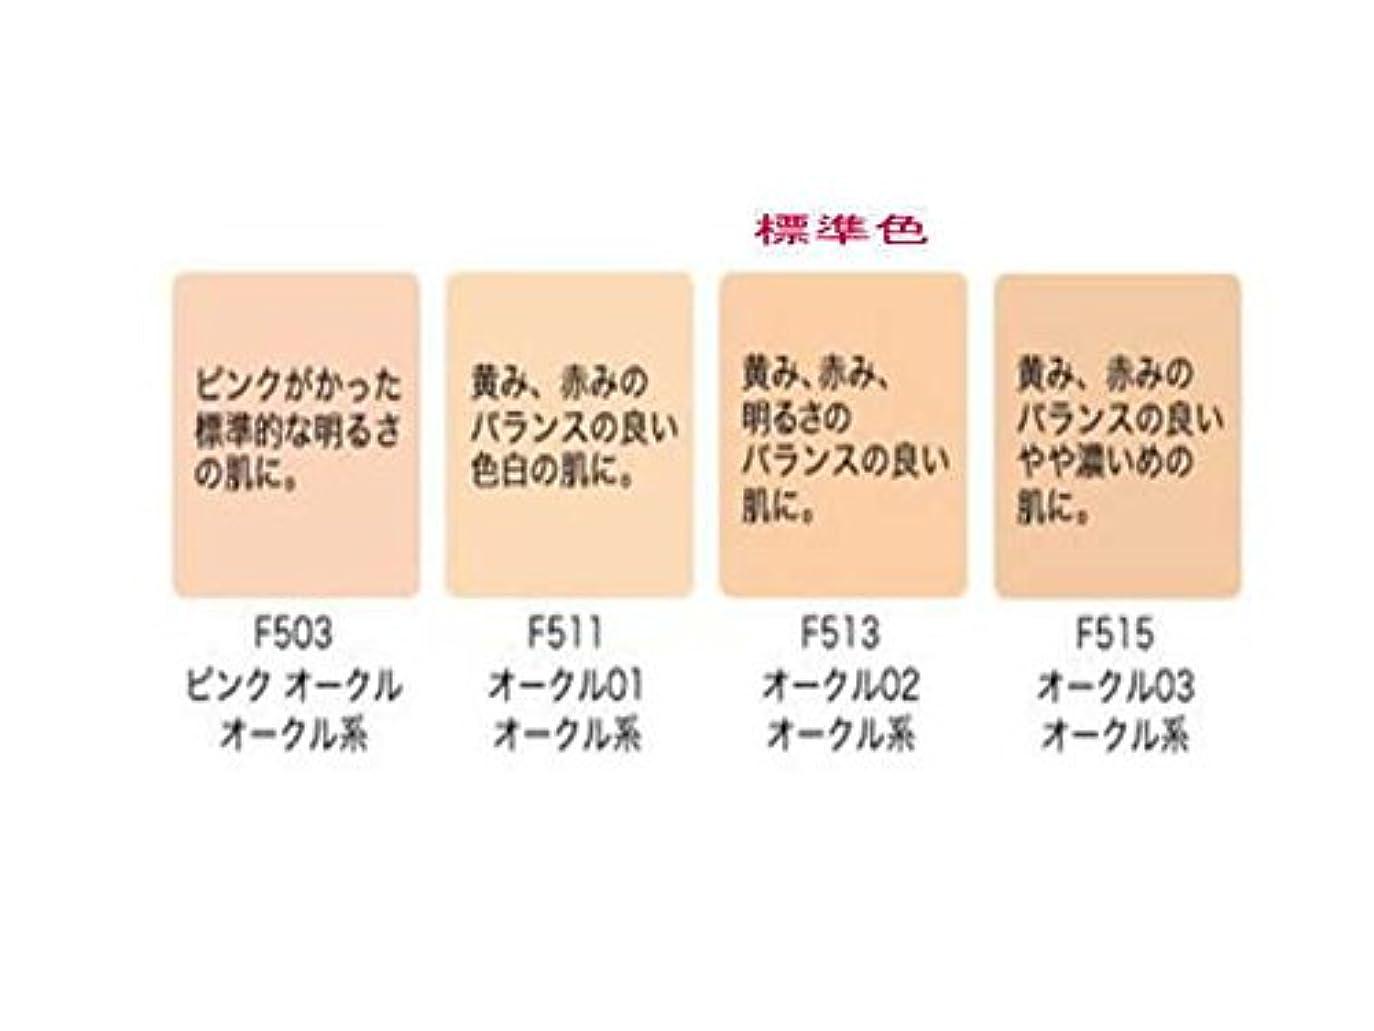 食い違い受粉する衝突コースエイボン 新アクティア UV パウダーファンデーション(デュアル)EX (リフィル, F515オークル03)